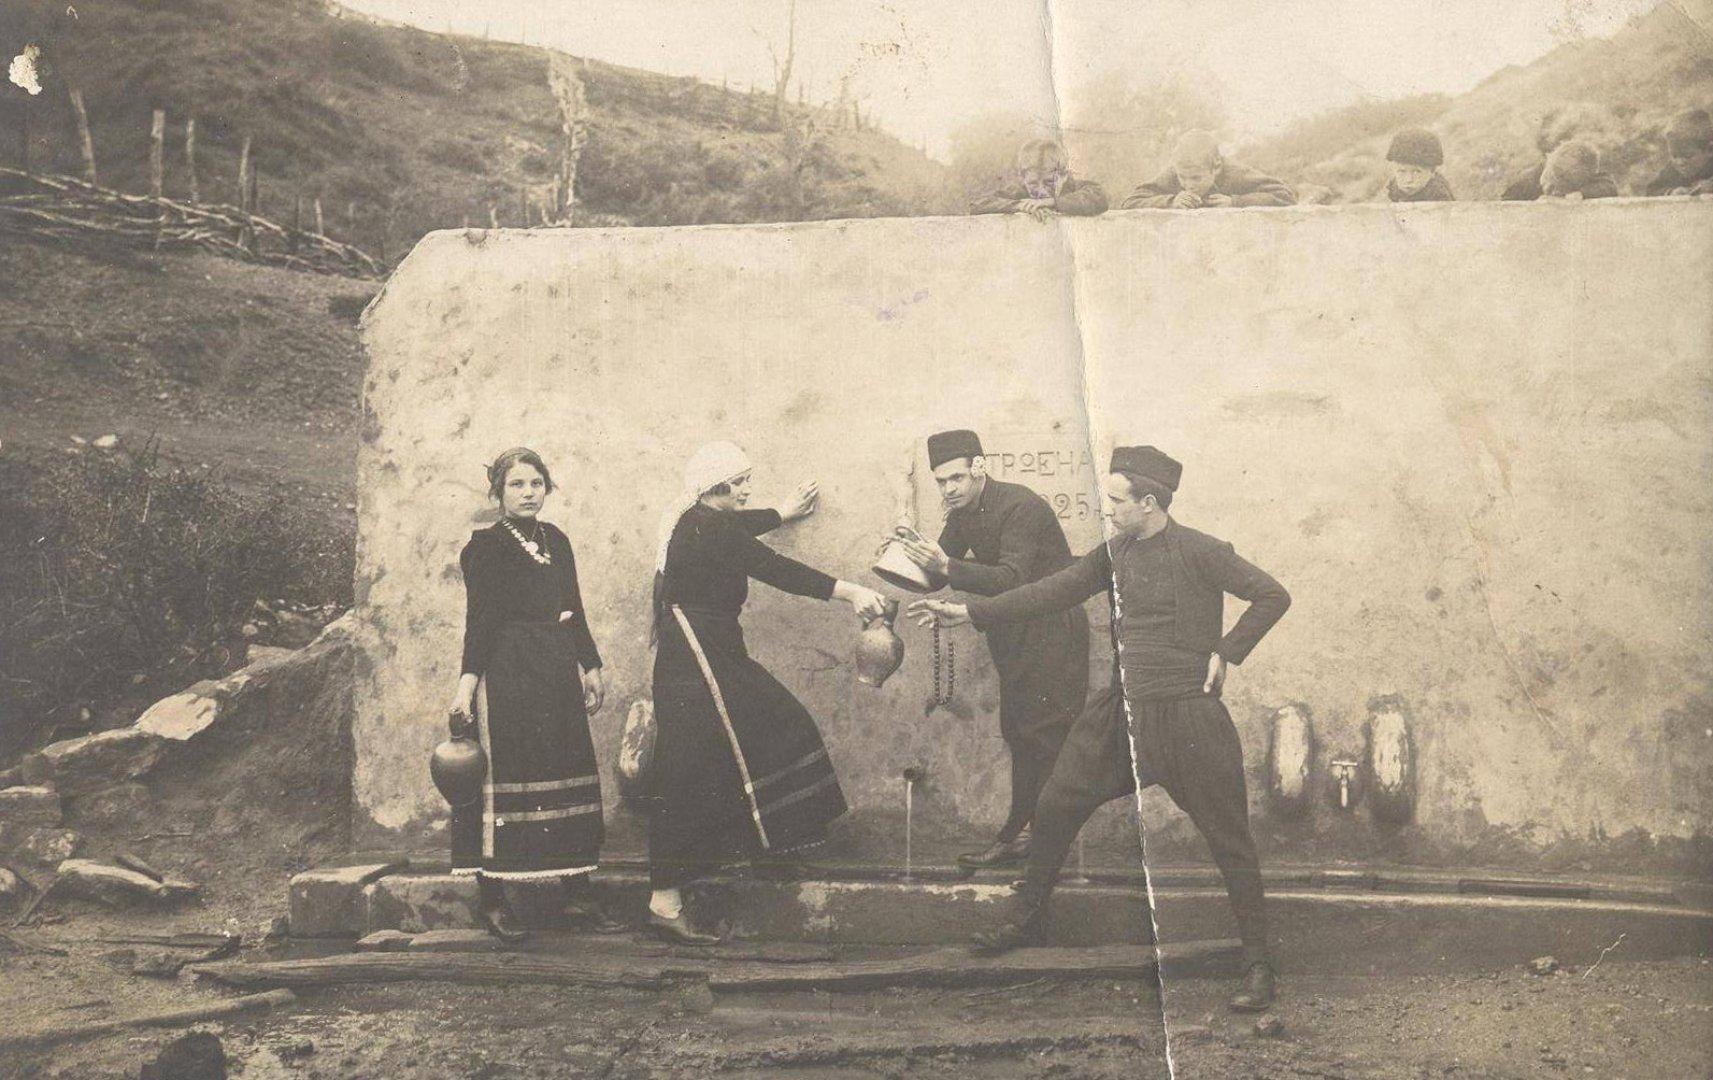 Едно време сглядата давала възможност да се огледа момата. Снимка Етнографски музей Бургас